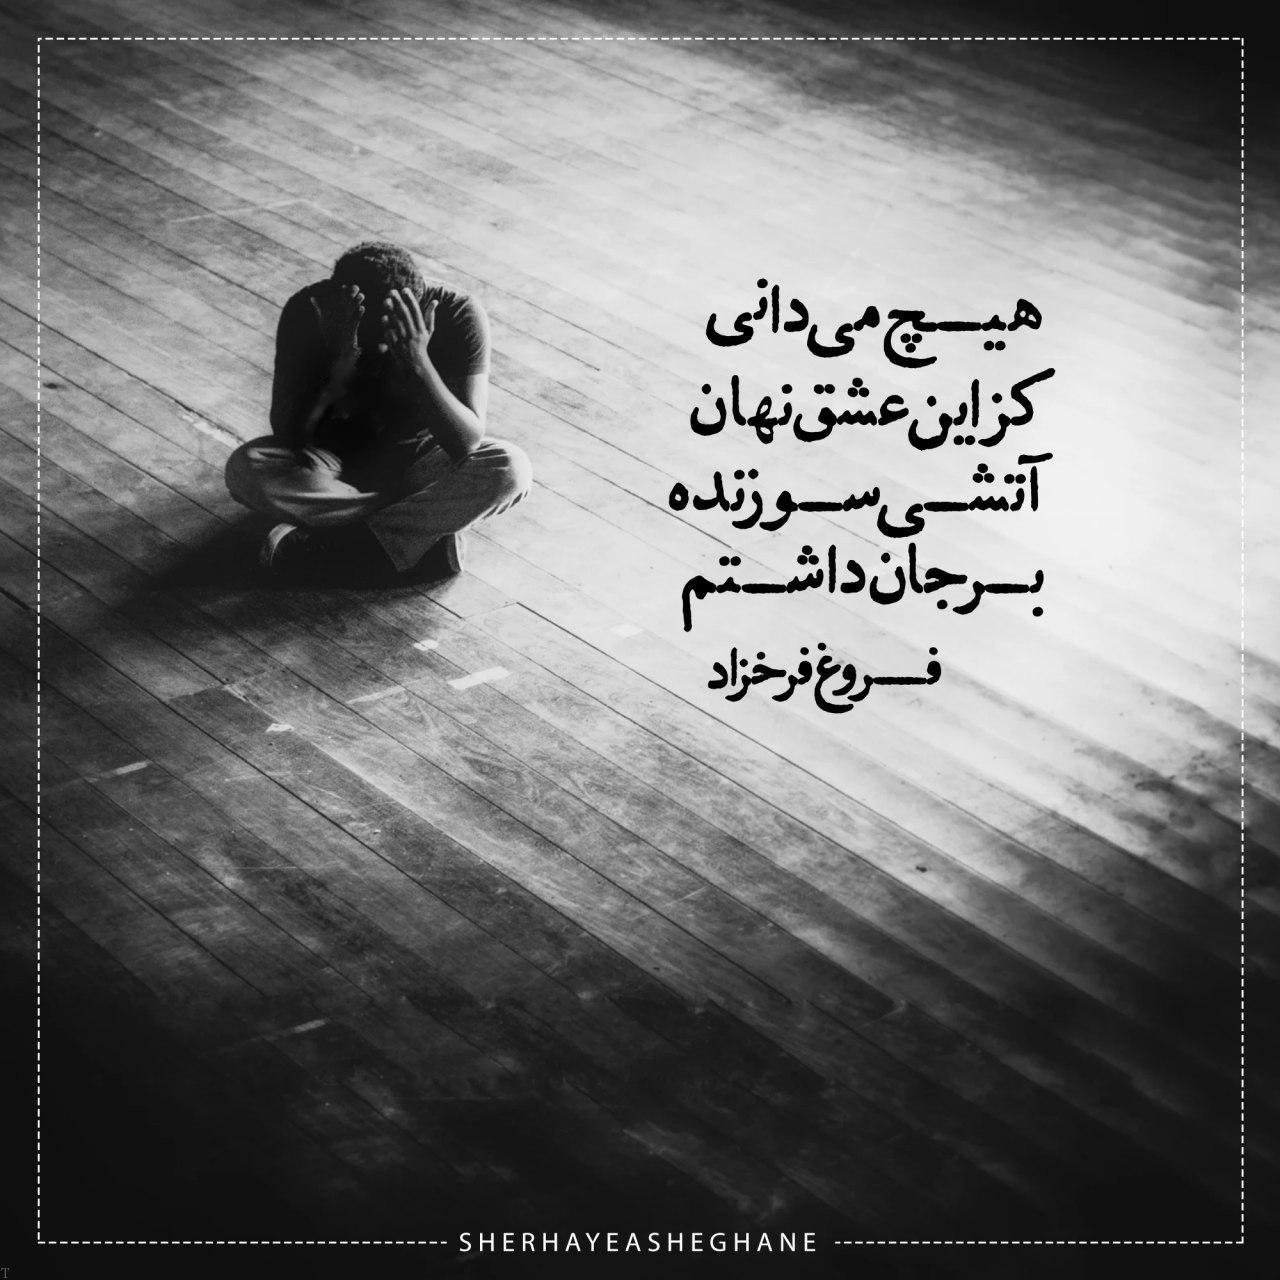 شعرهای عاشقانه شاد و غمگین | اشعار عاشقانه دوست داشتن